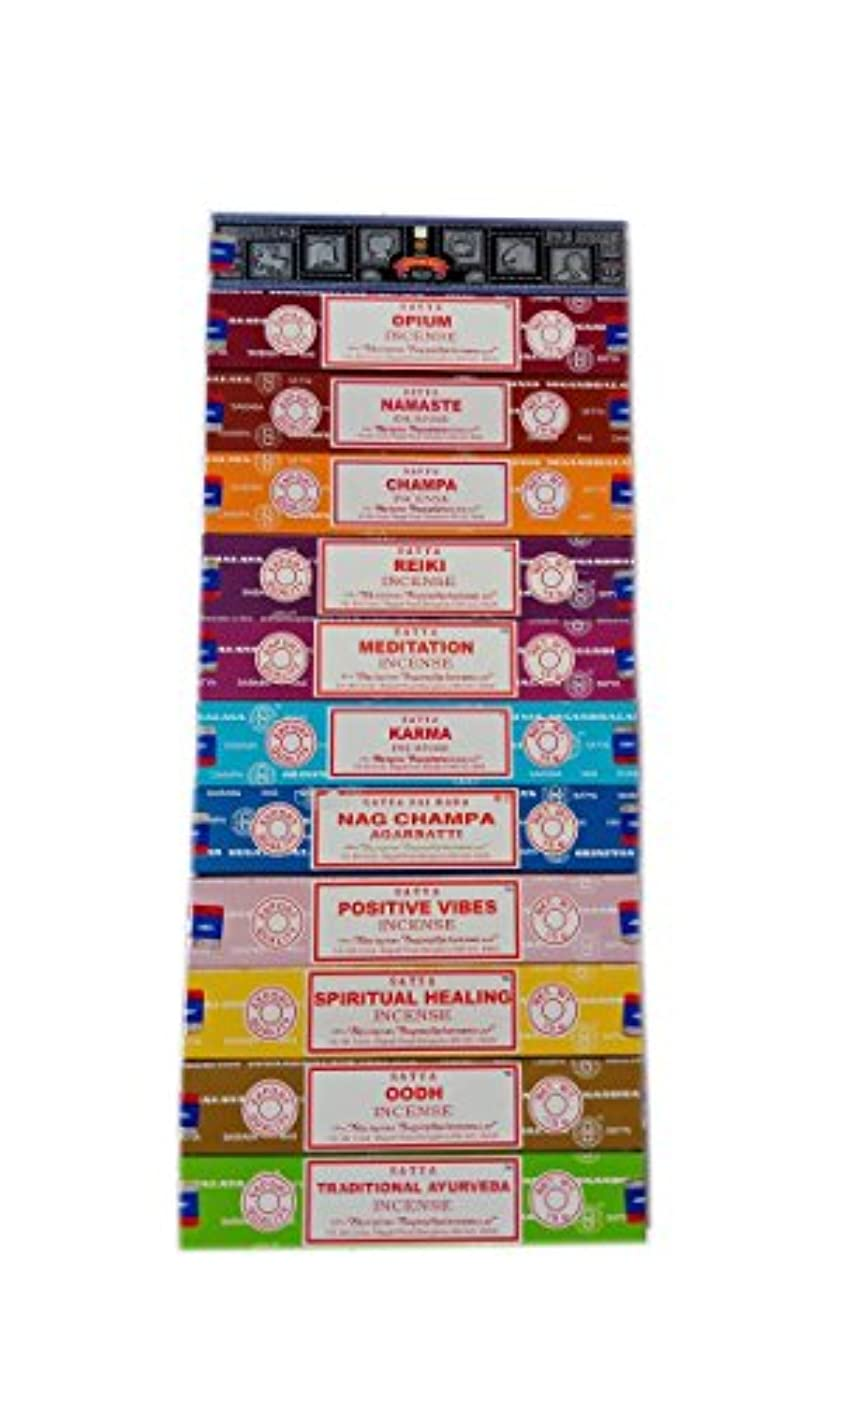 全部急いで航海Satya Incense Set 12 x 15gram含まれるもの:ナグ、スーパーヒット、ウード、ポジティブバイブ、ナマステ、チャンパ、アヘン、レイキ、スピリチュアルヒーリング、カルマ、伝統的なアーユルヴェーダ、瞑想パック